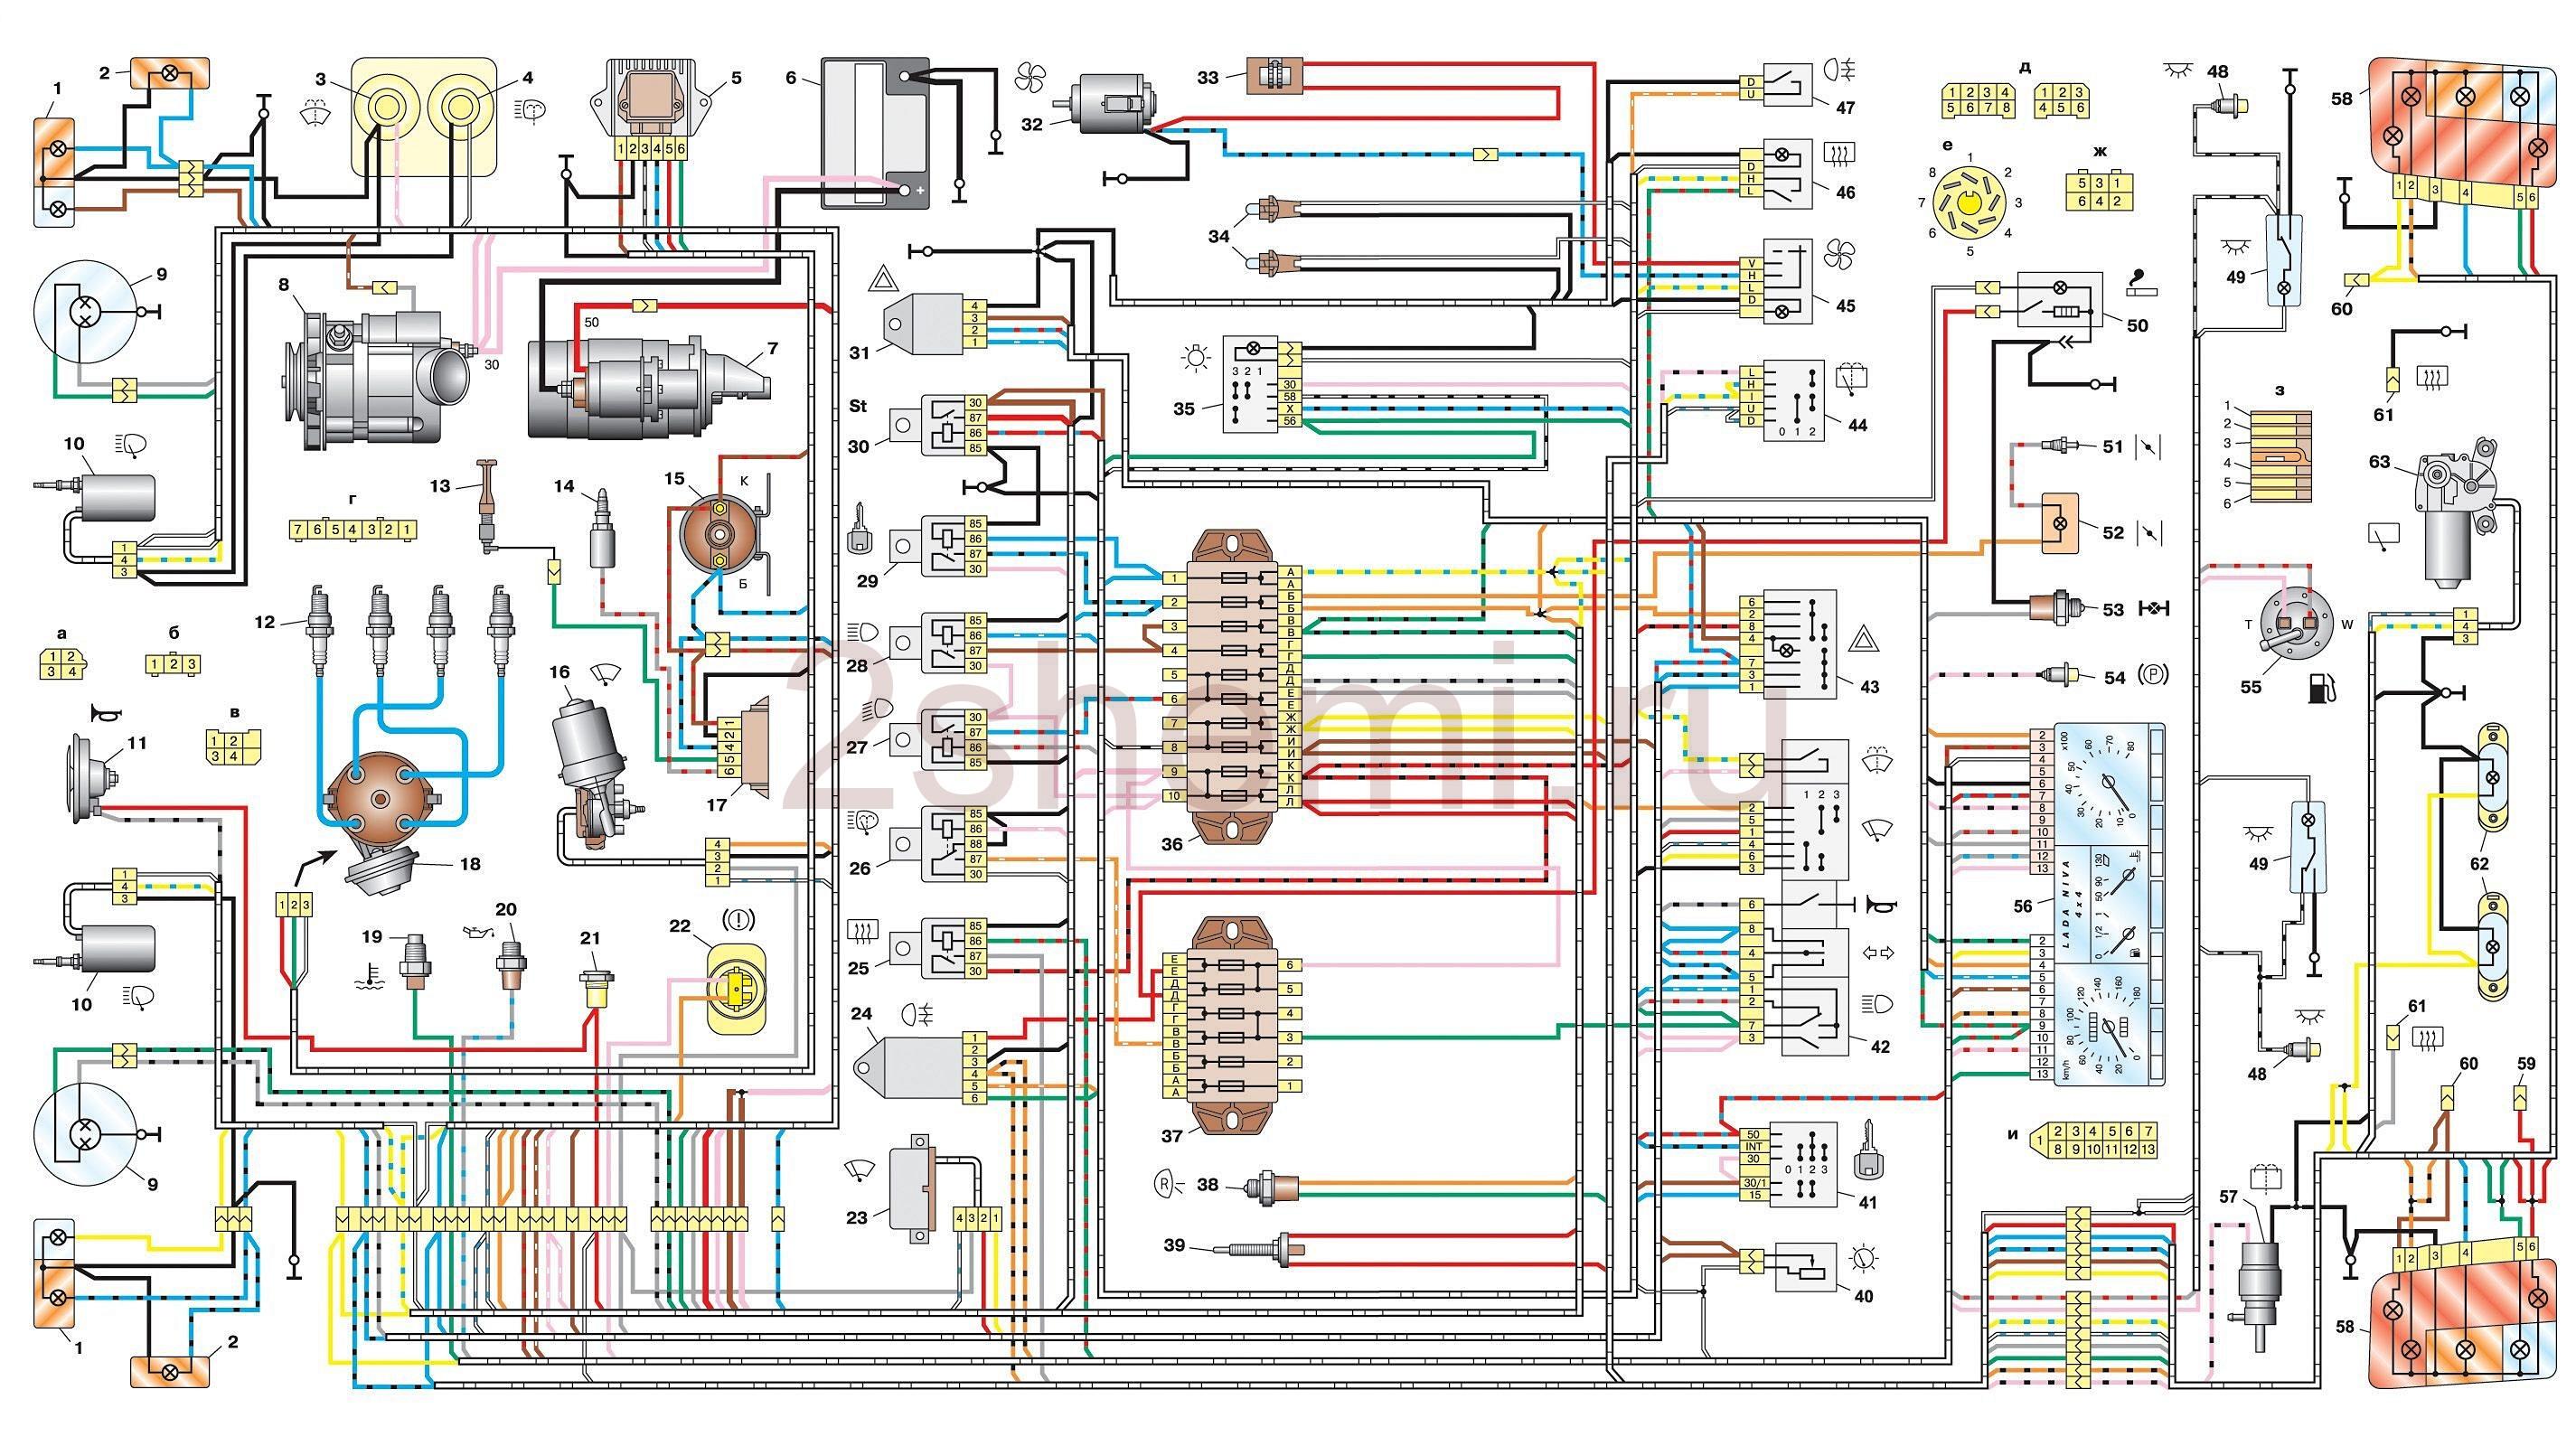 Схема ВАЗ-2129, BA3-2130, ВАЗ-2131, ВАЗ-2329